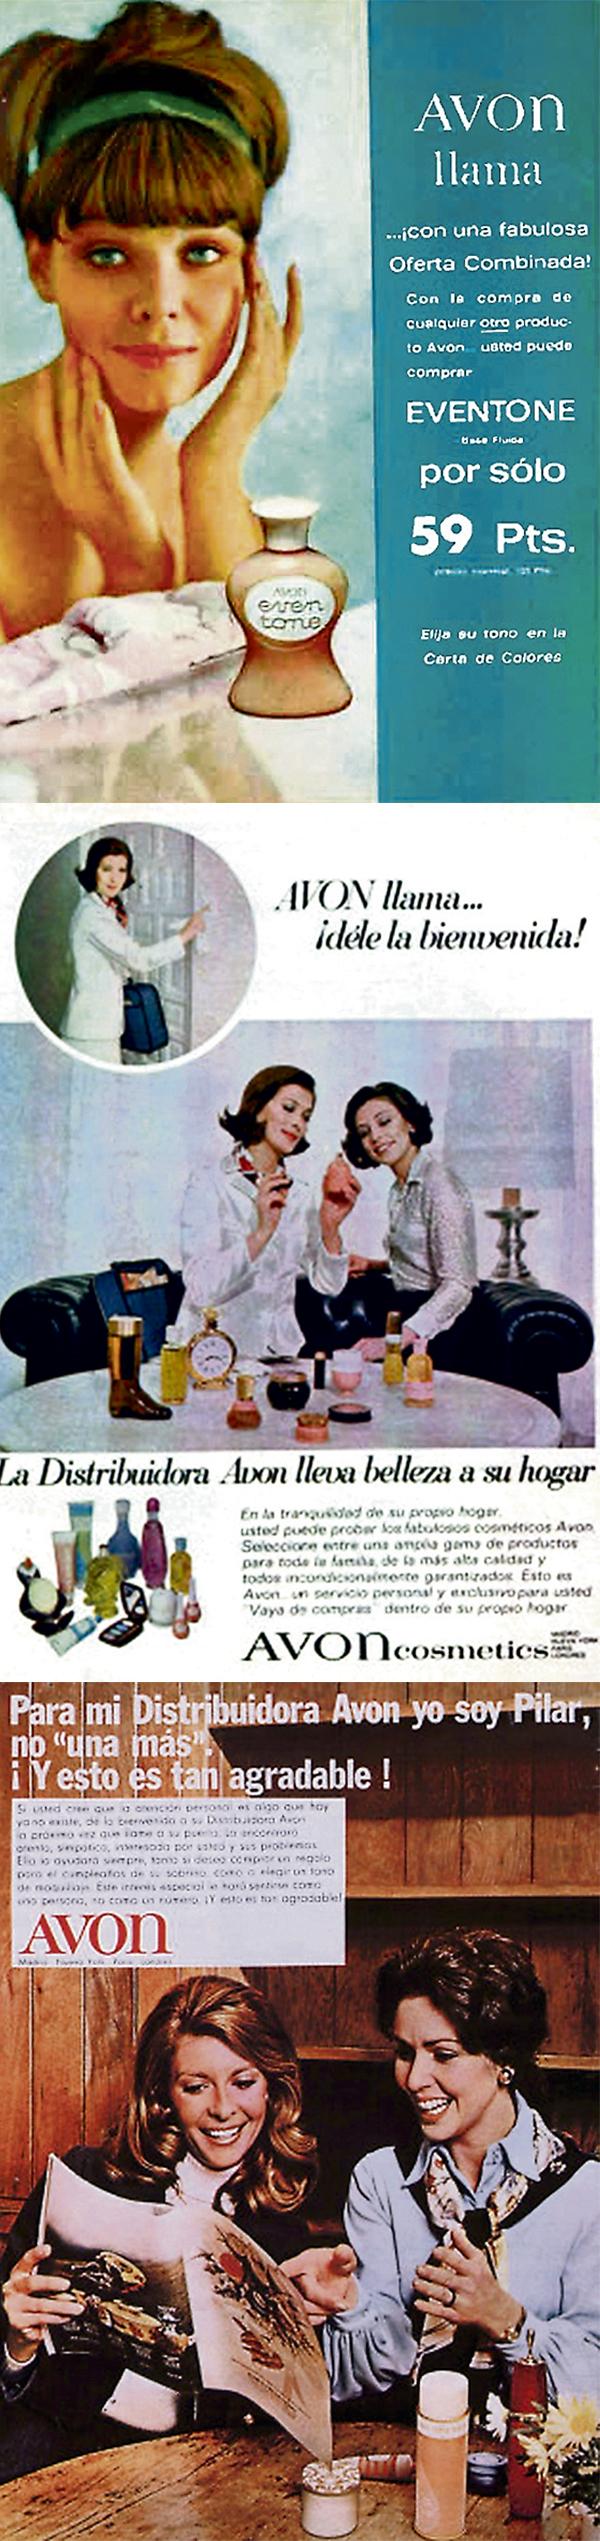 Imágenes de la campaña de Avon en la década de los setenta